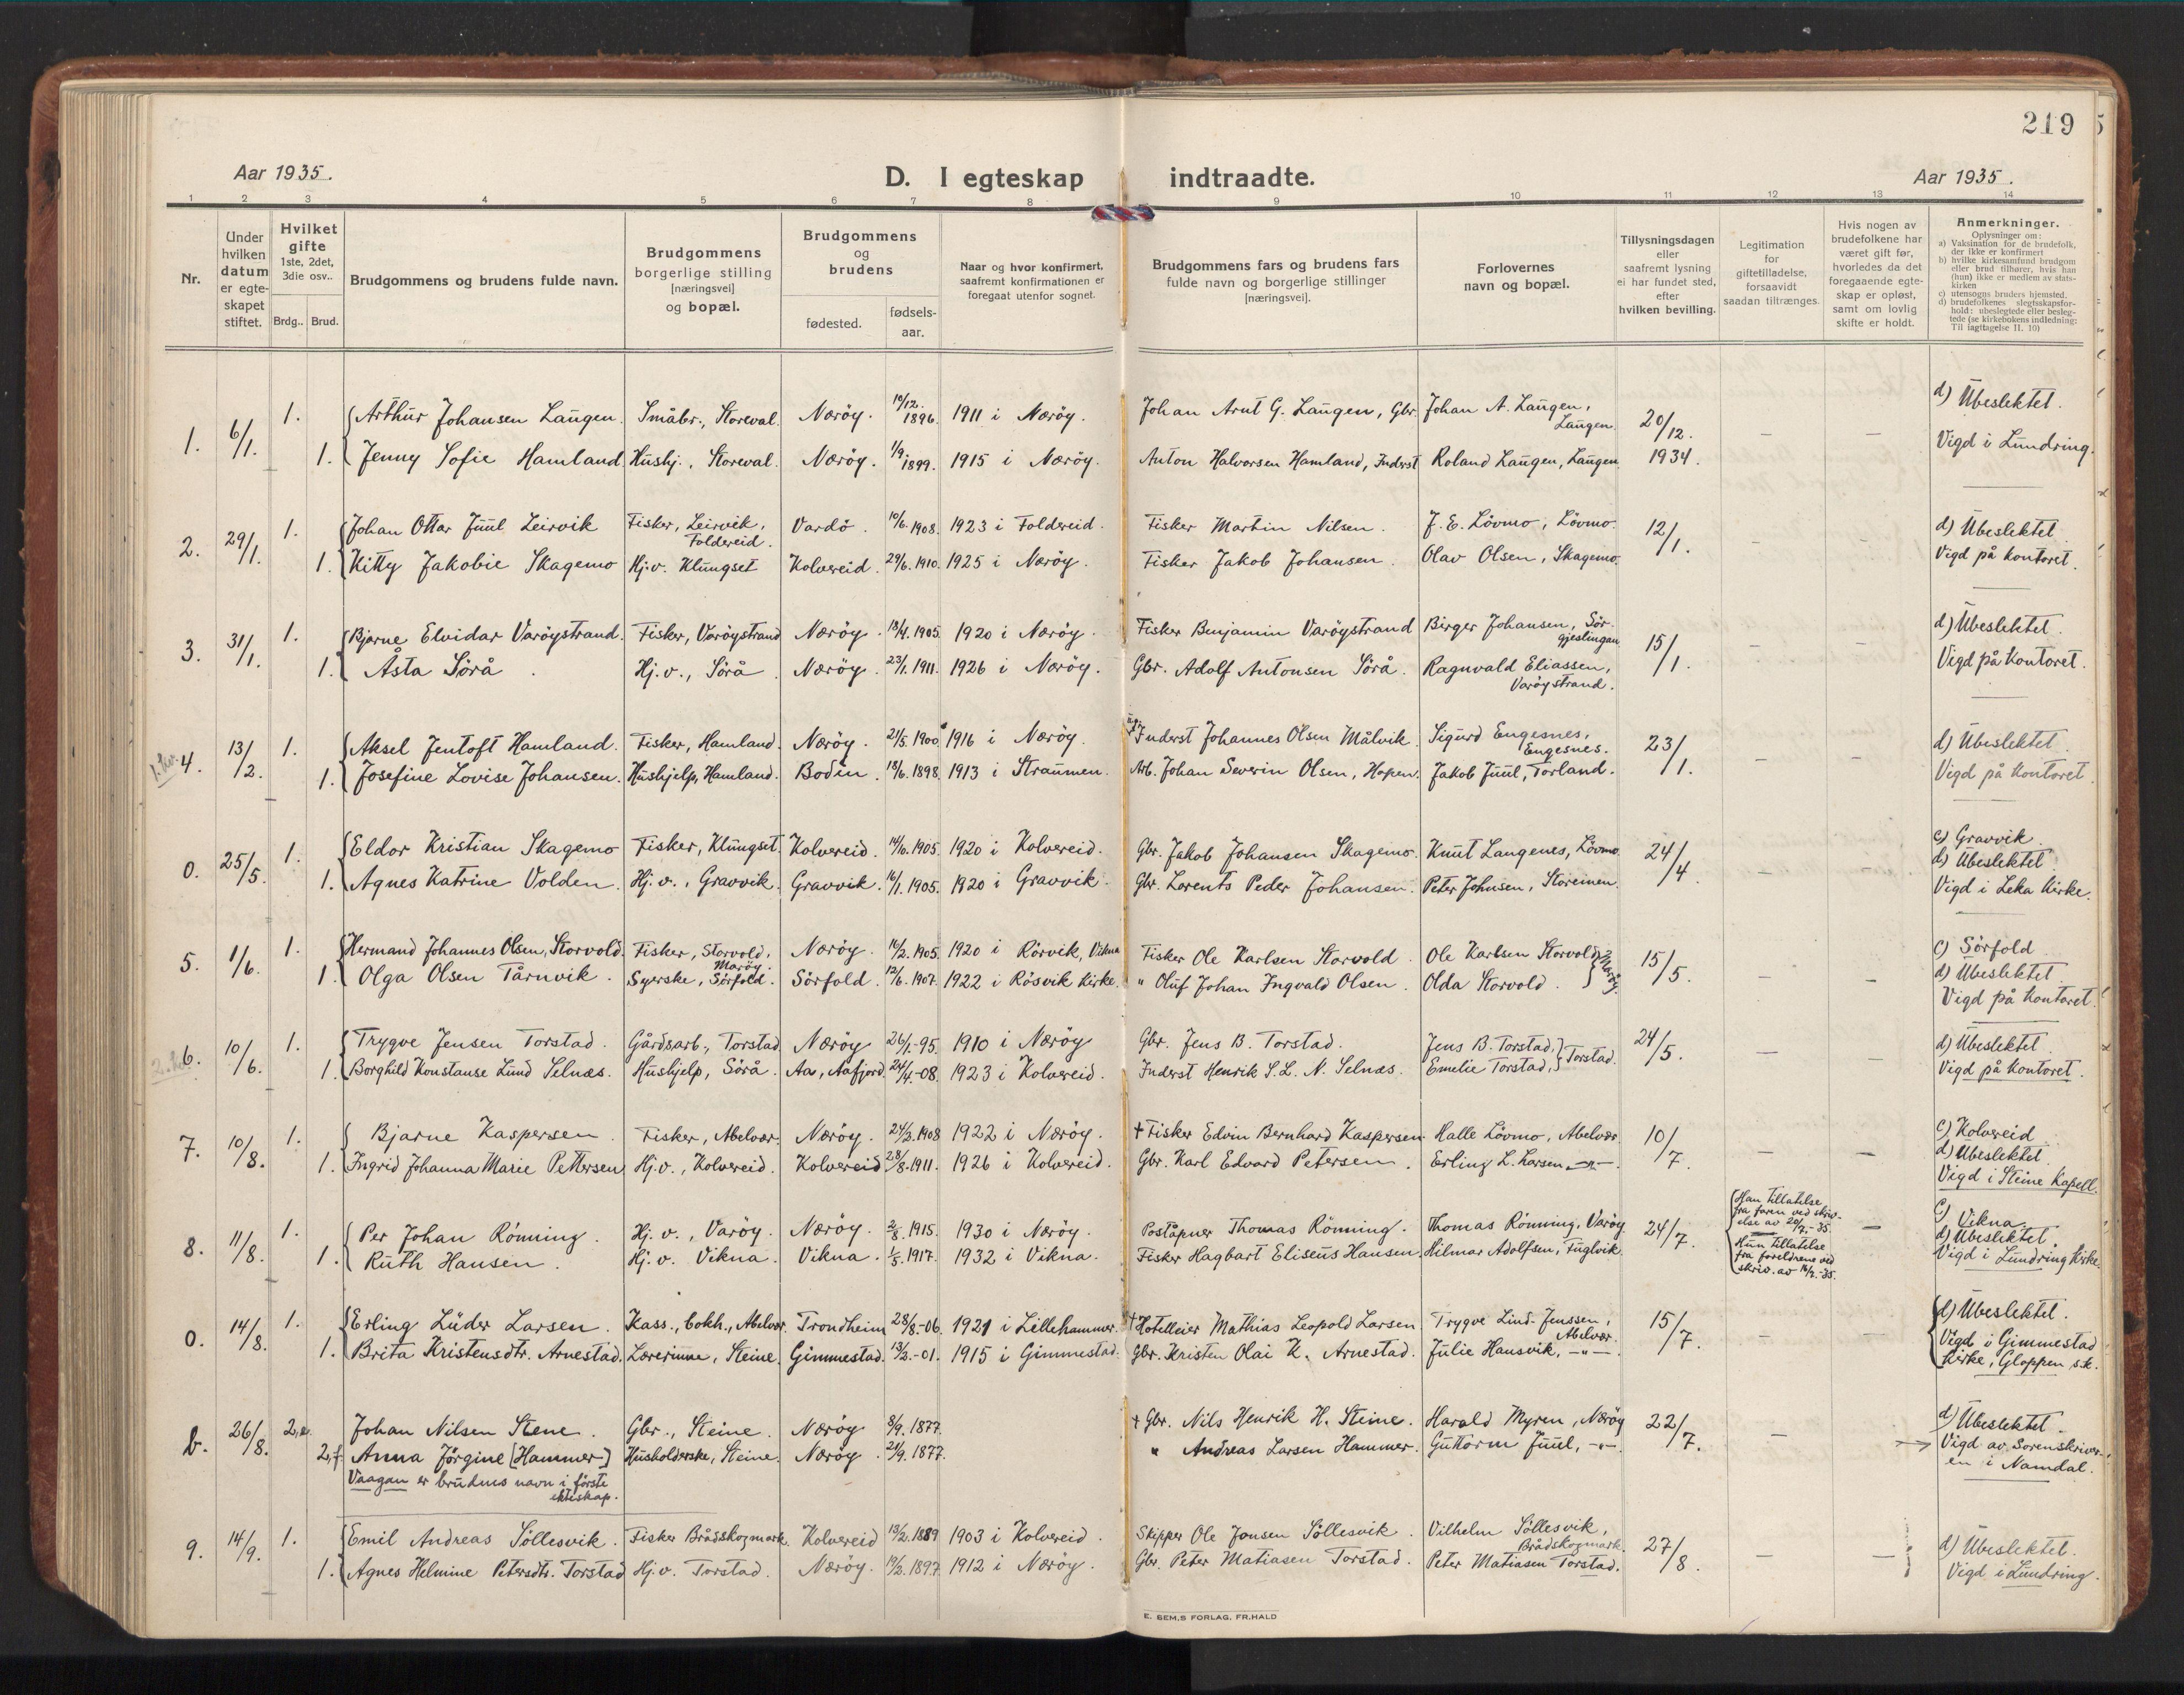 SAT, Ministerialprotokoller, klokkerbøker og fødselsregistre - Nord-Trøndelag, 784/L0678: Ministerialbok nr. 784A13, 1921-1938, s. 219